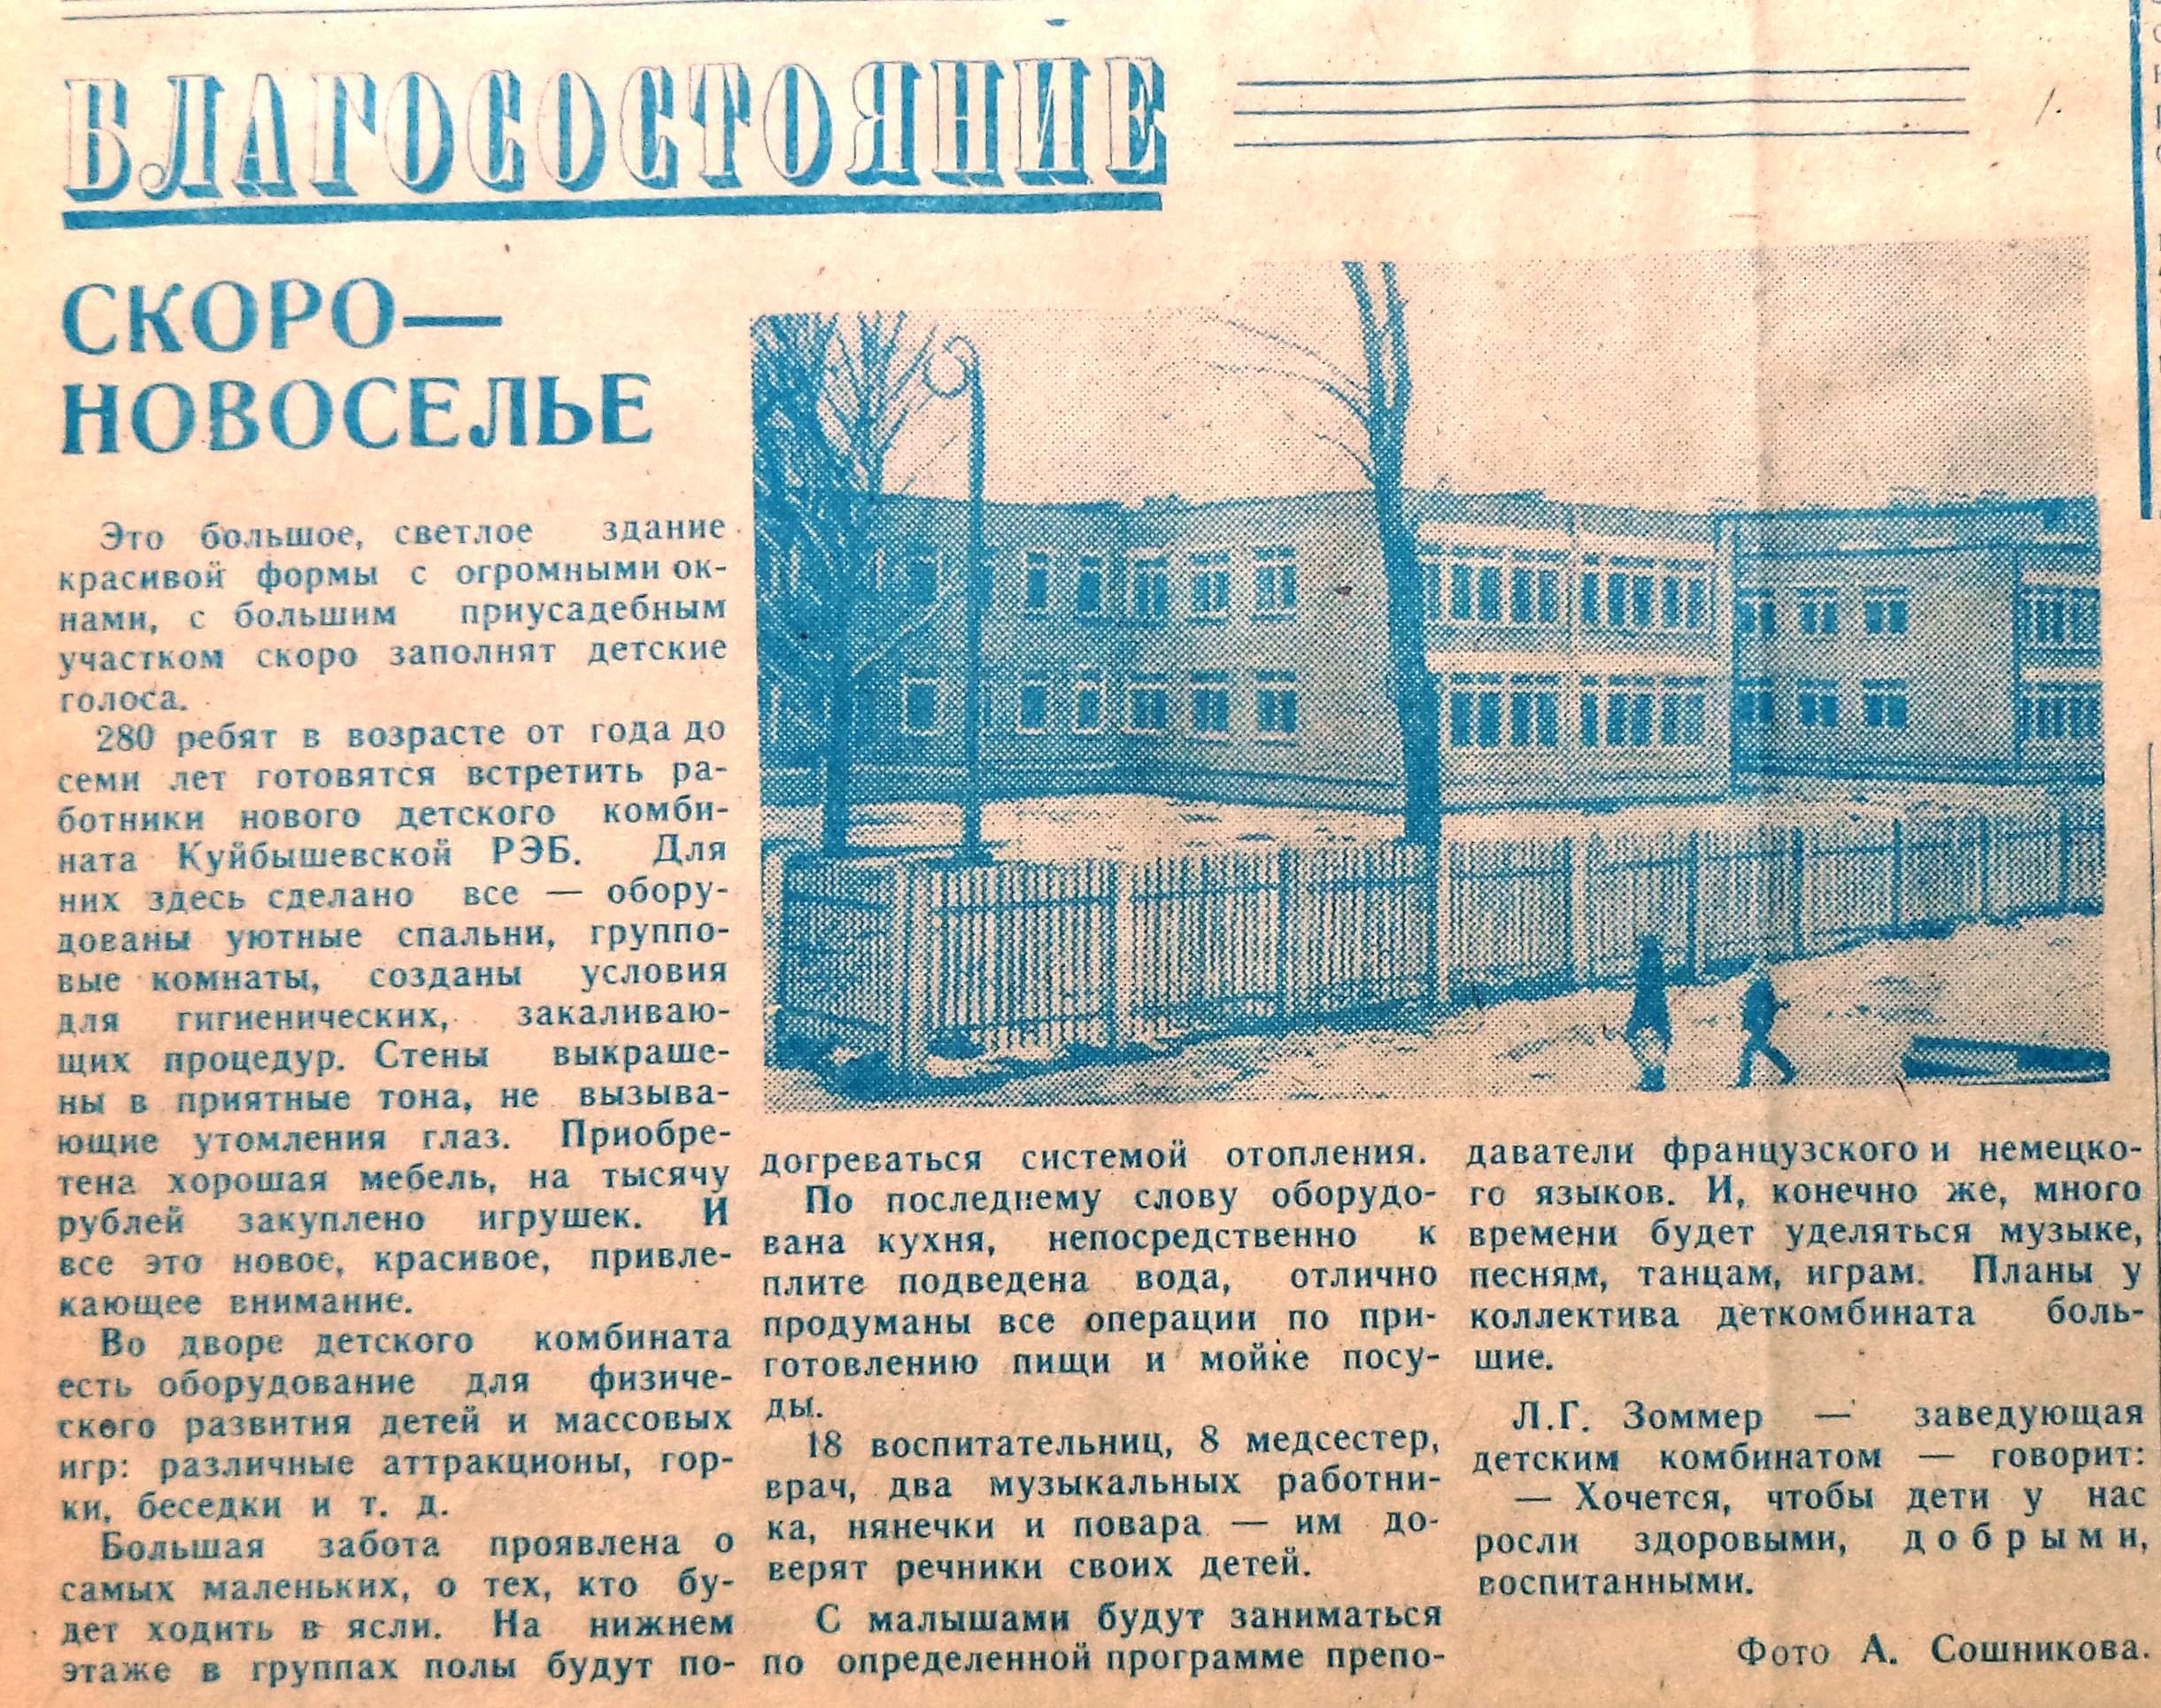 Флотская-ФОТО-14-Советский Танкер-1972-5 декабря-детсад-365-min